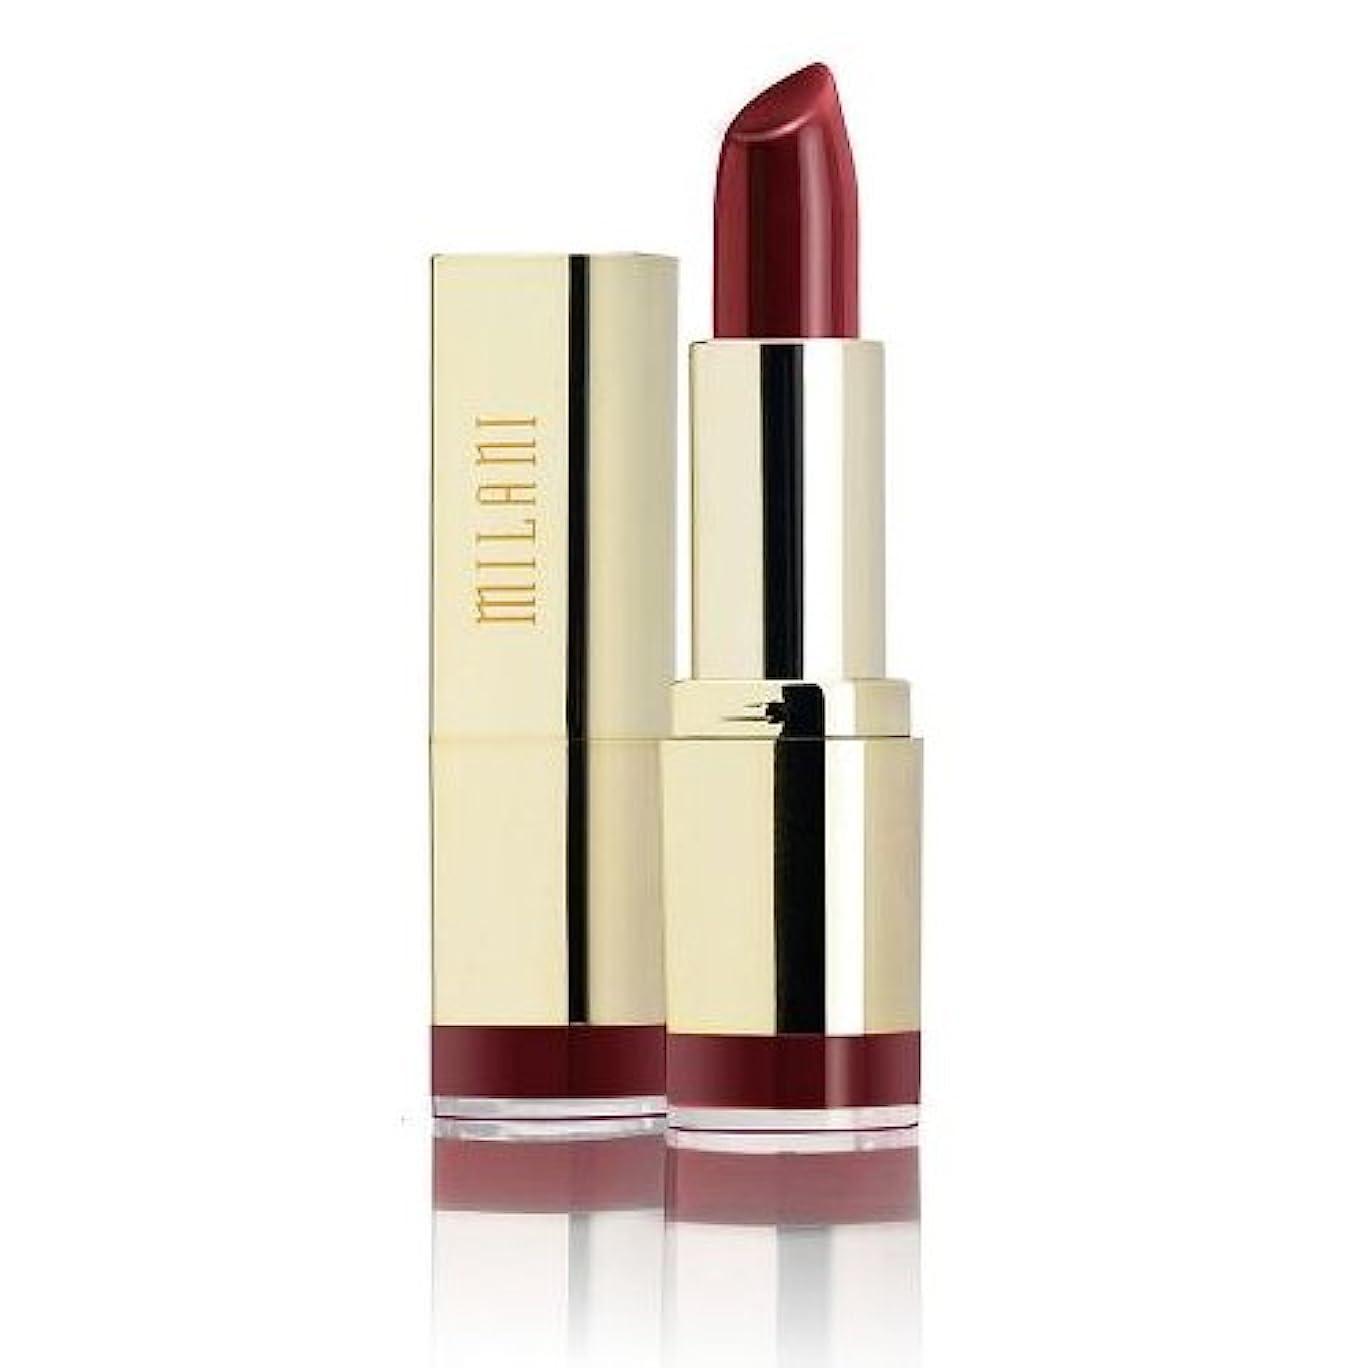 関係ないビル宣言するMILANI Color Statement Lipstick - Velvet Merlot (並行輸入品)